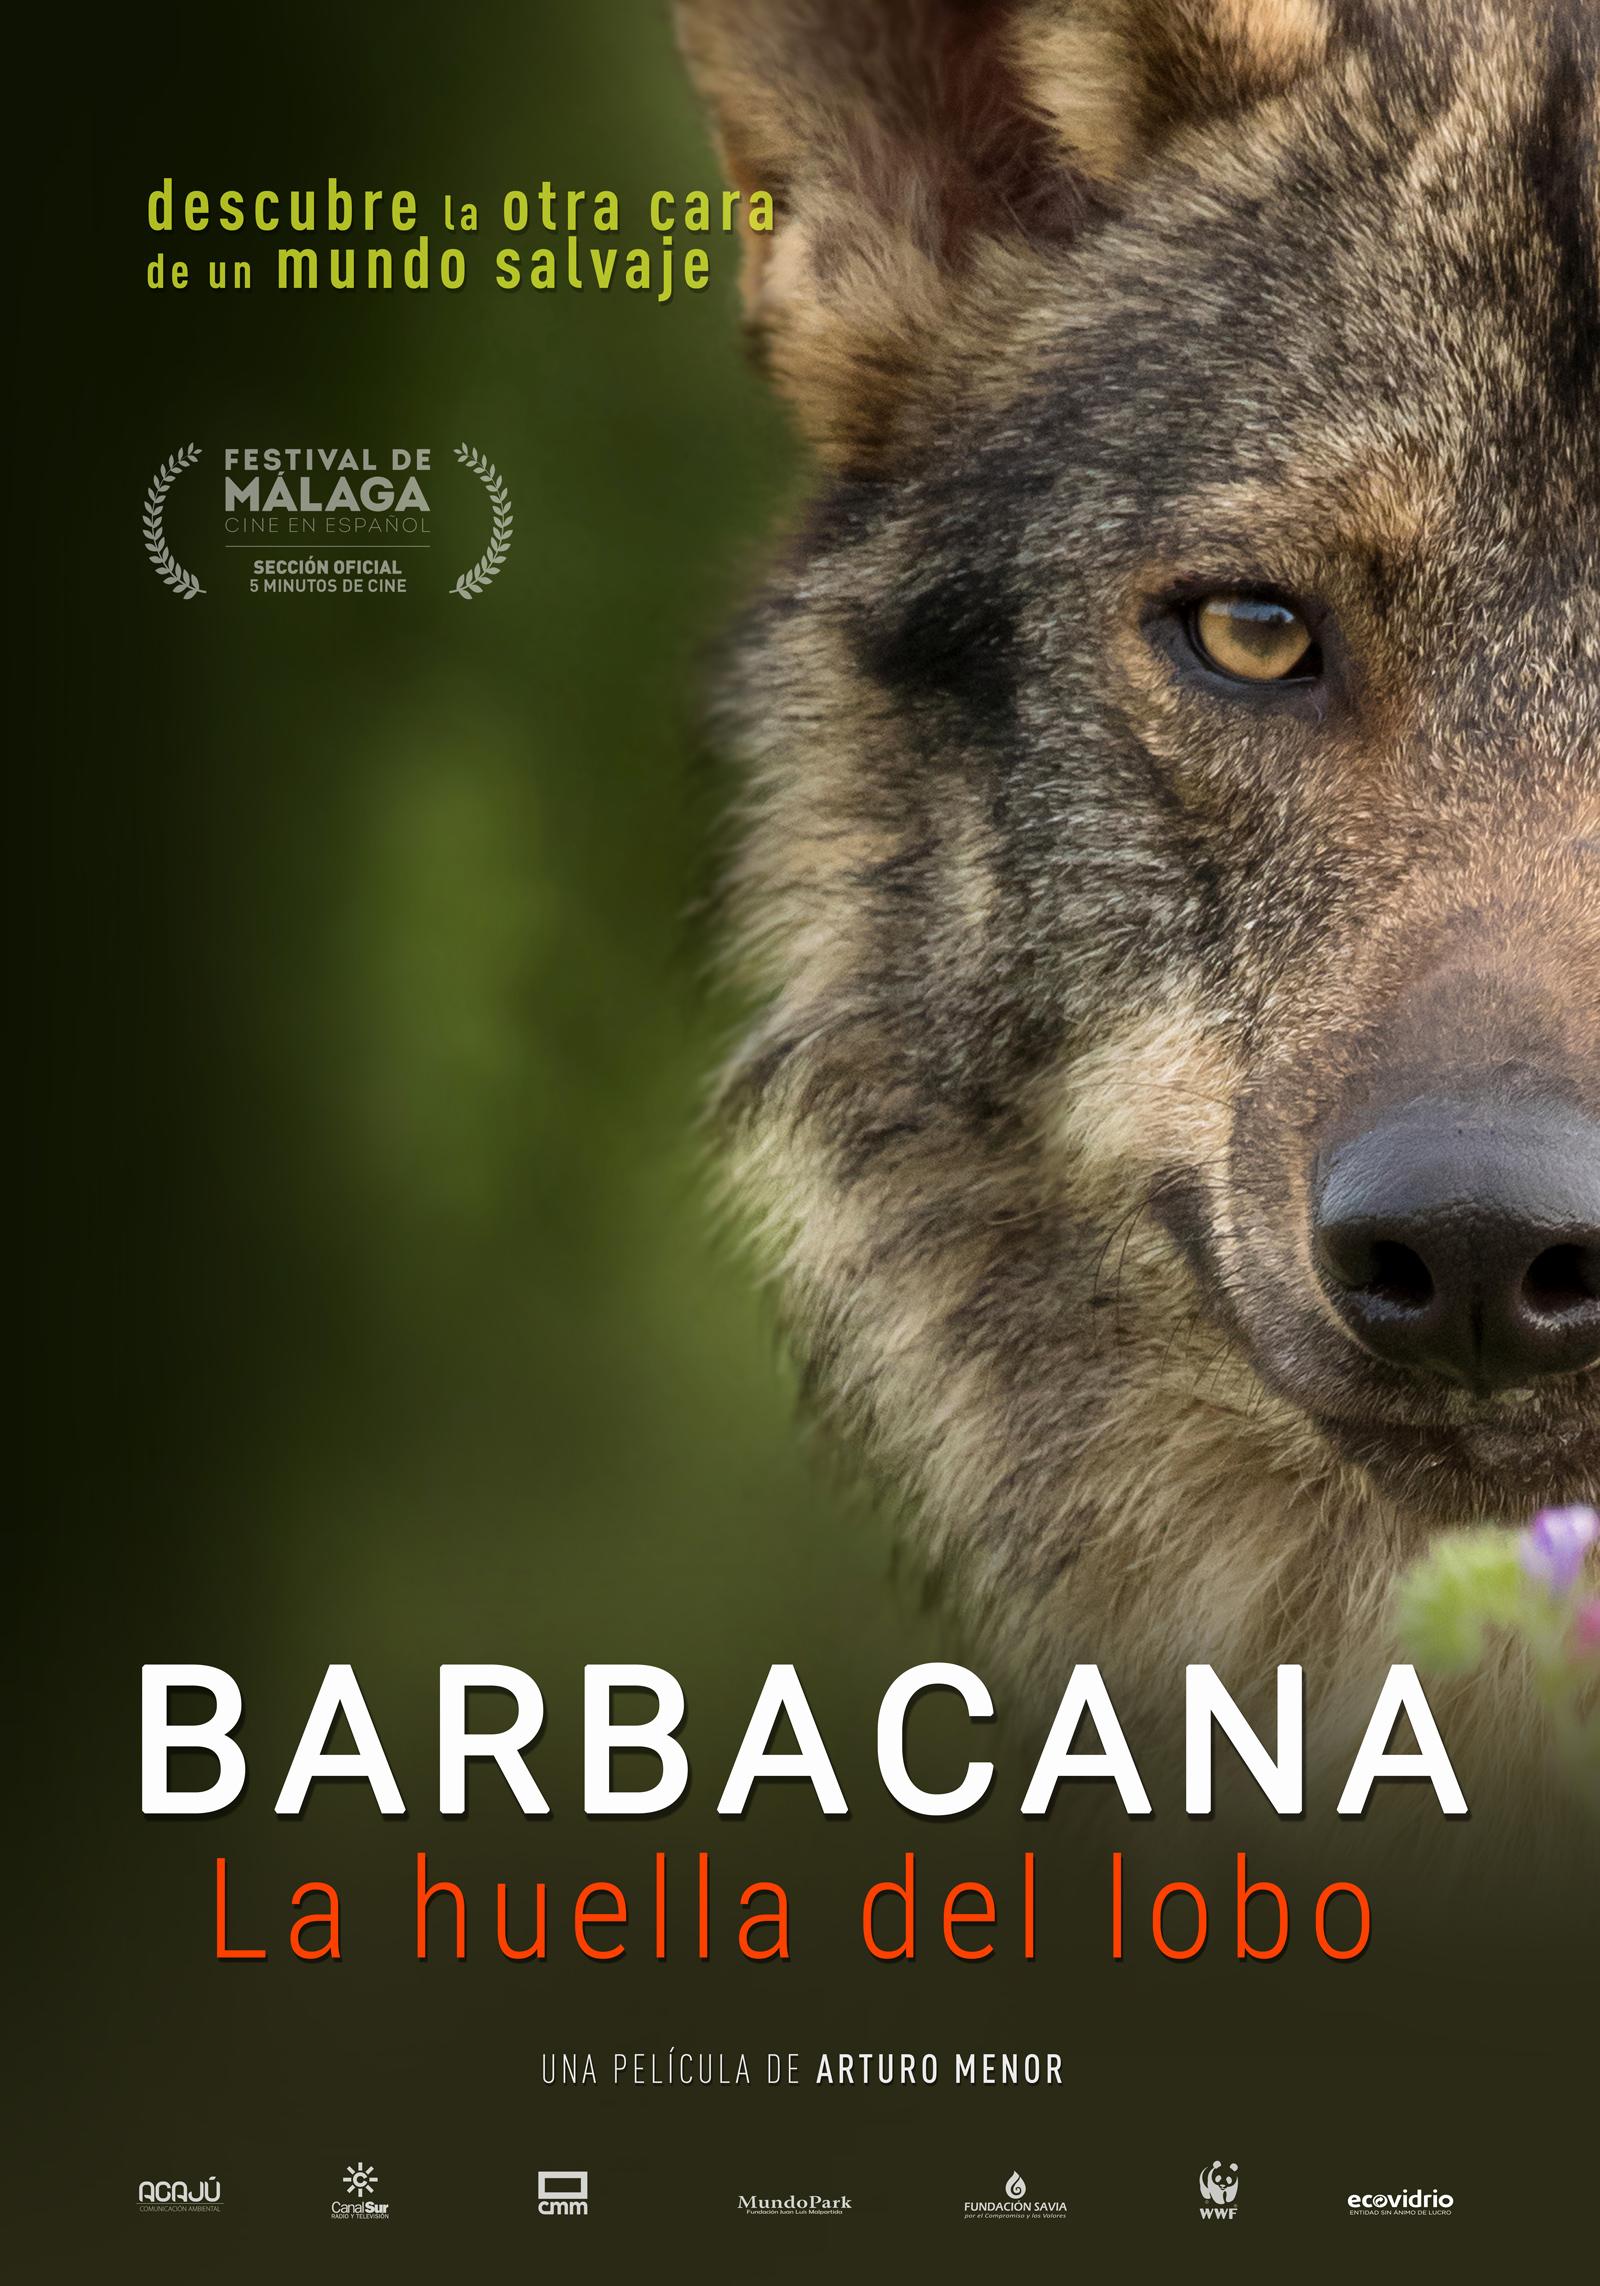 Barbacana la huella del lobo película Arturo Menor prevención ataques lobos Cartel